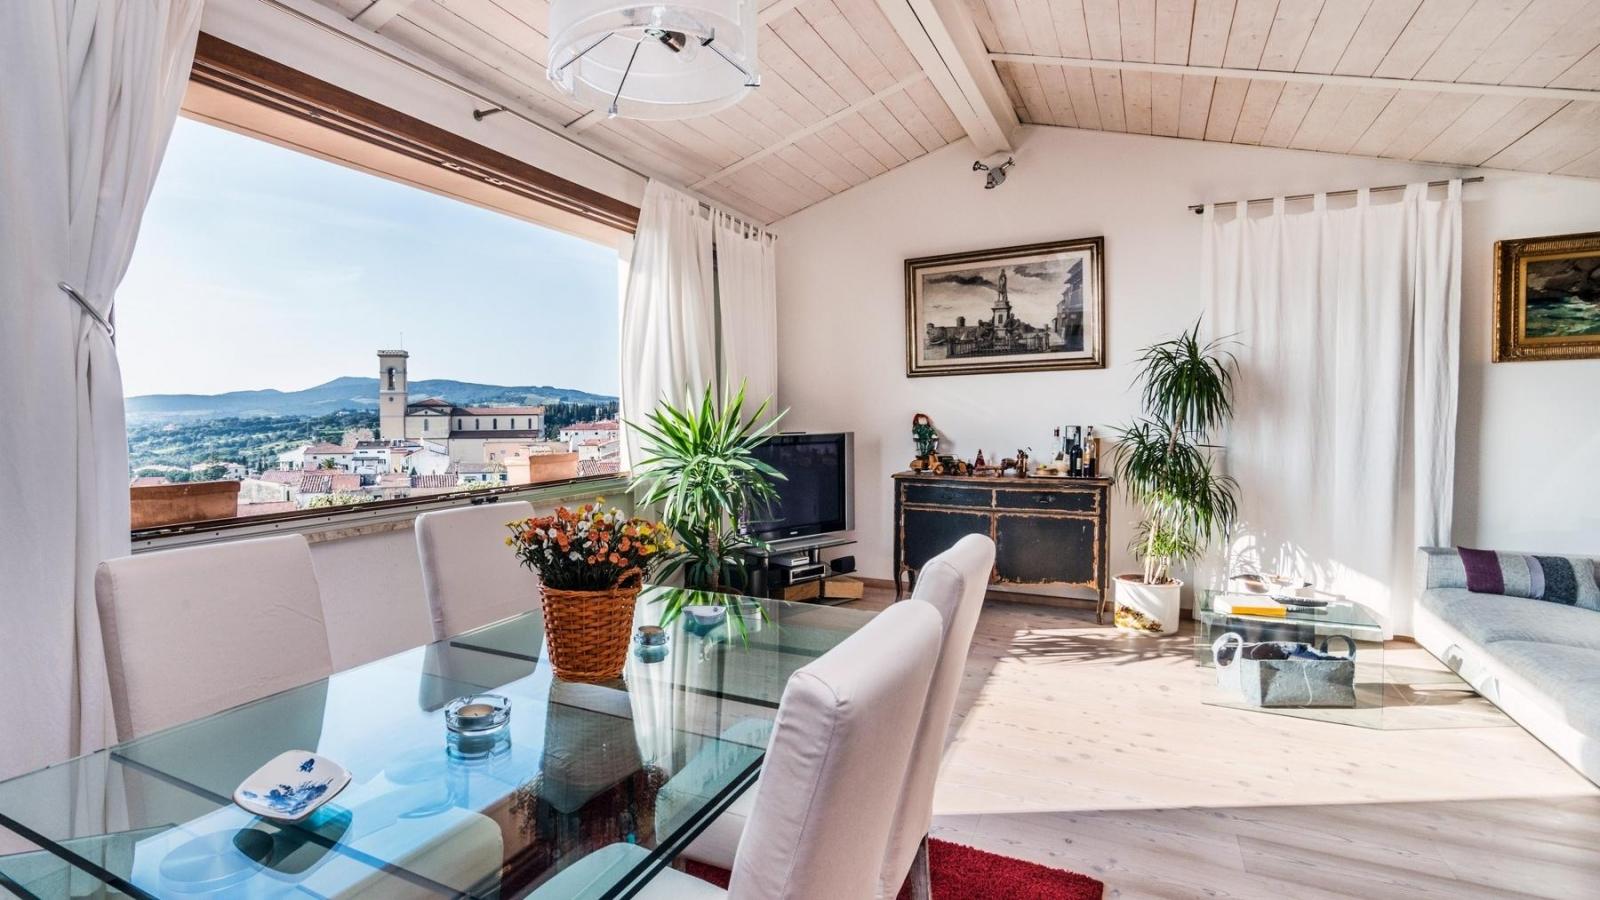 Pronájem domu itálie u moře